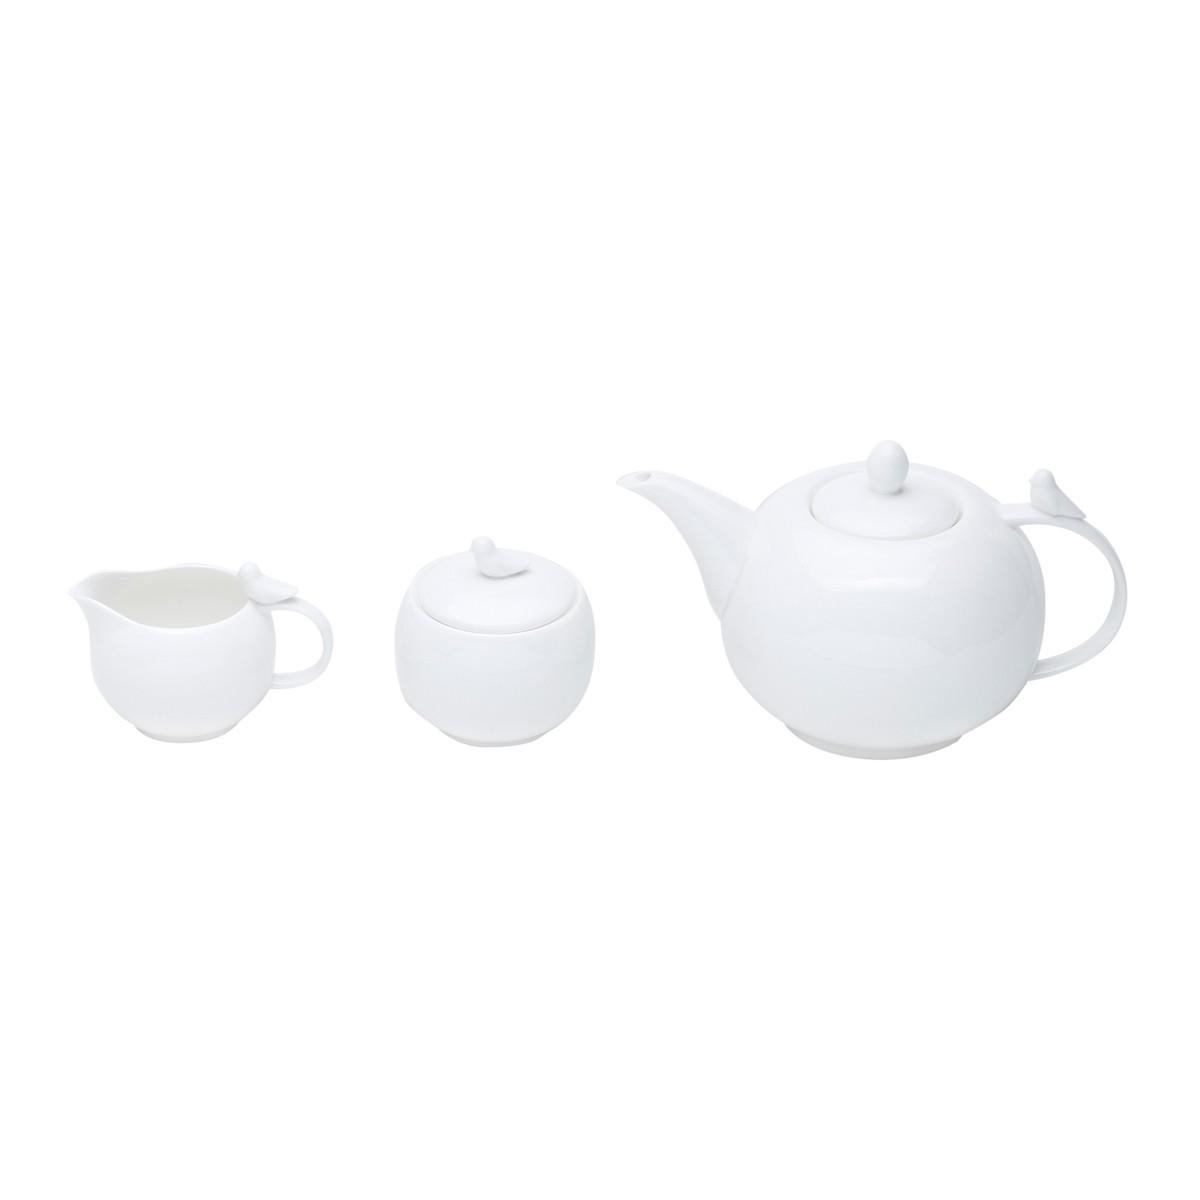 Conjunto com 3 Peças para Café Birds em Porcelana Branco